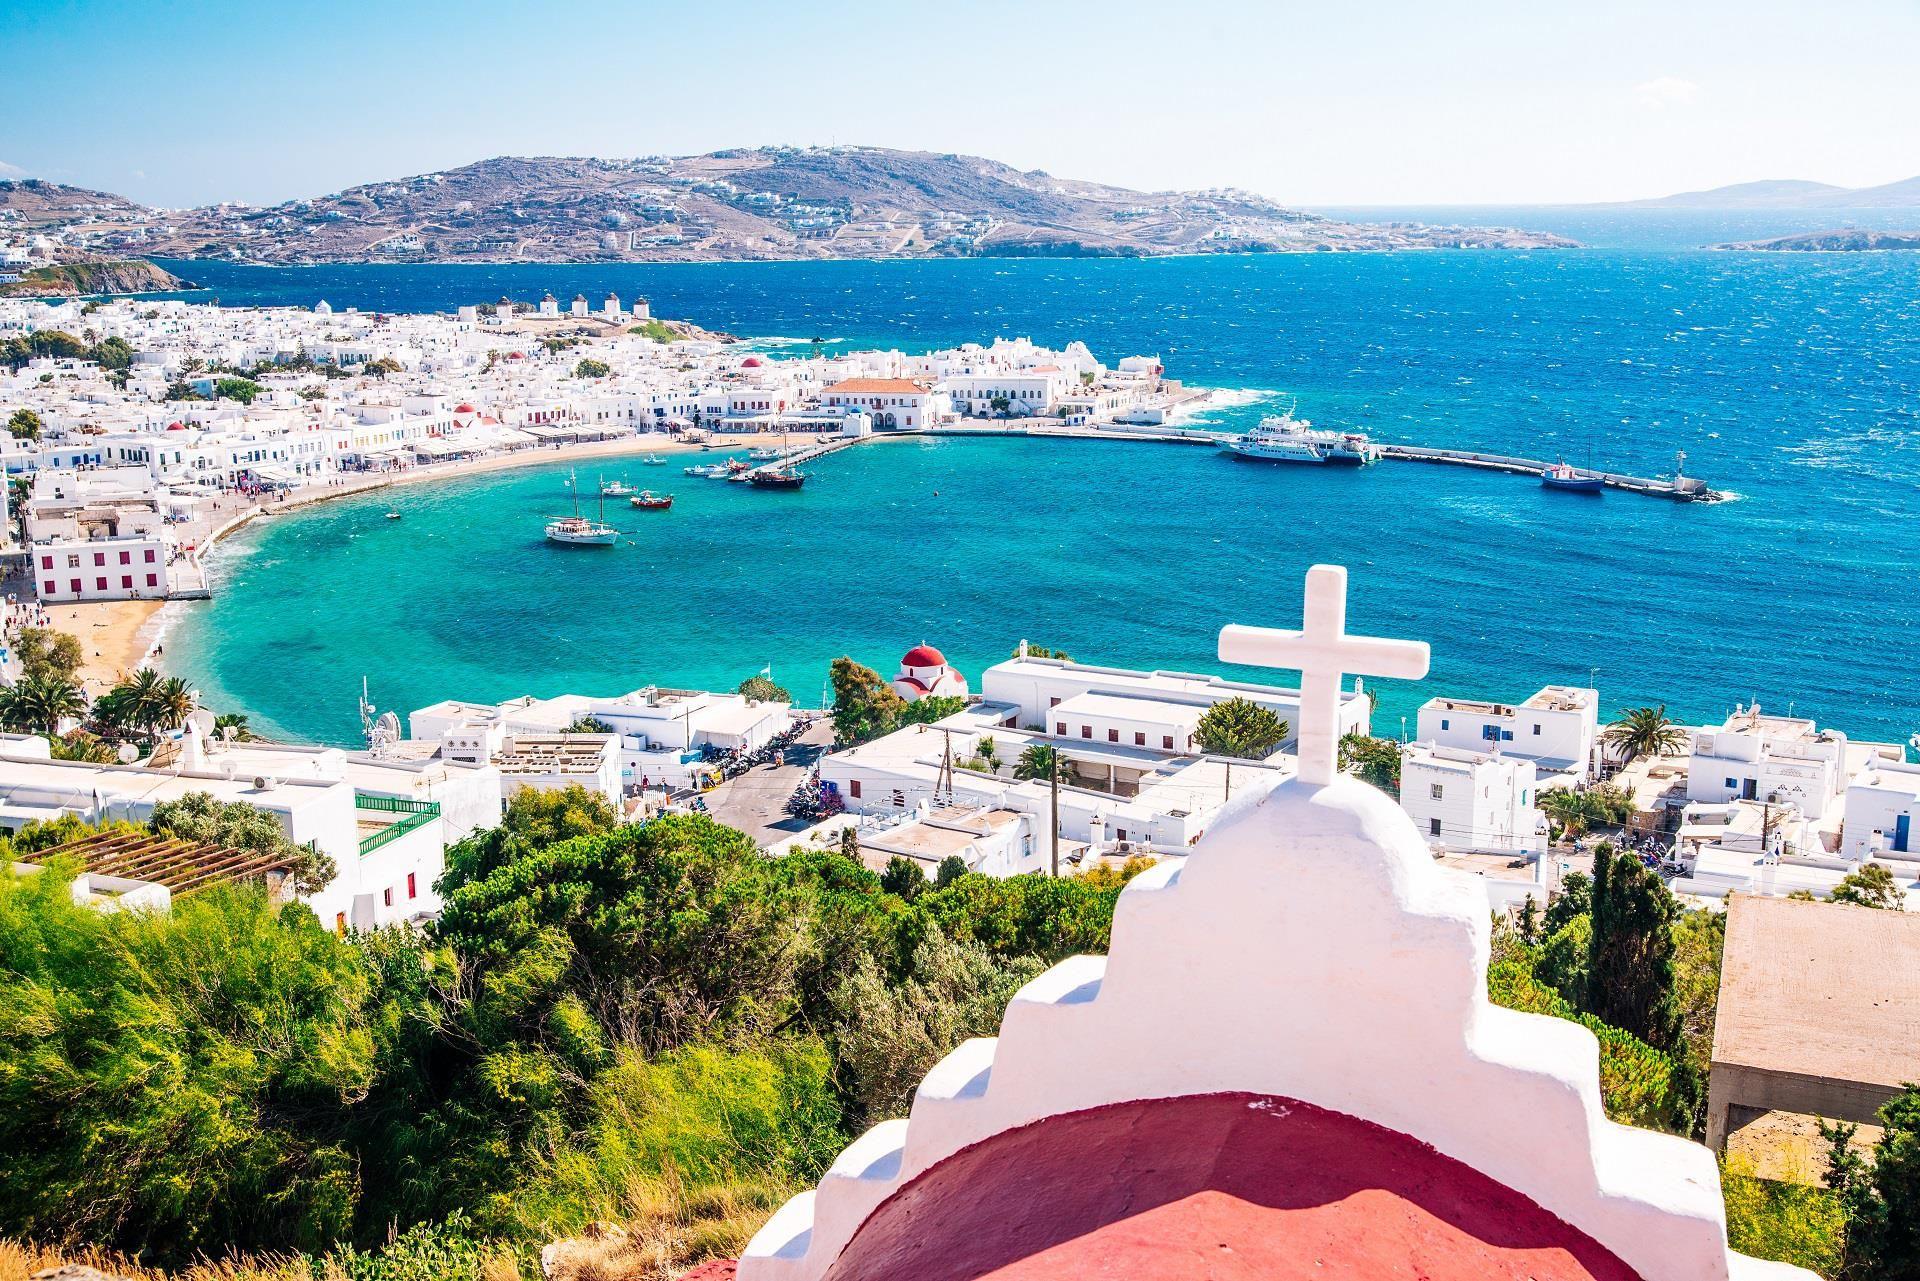 Viajes a Mykonos